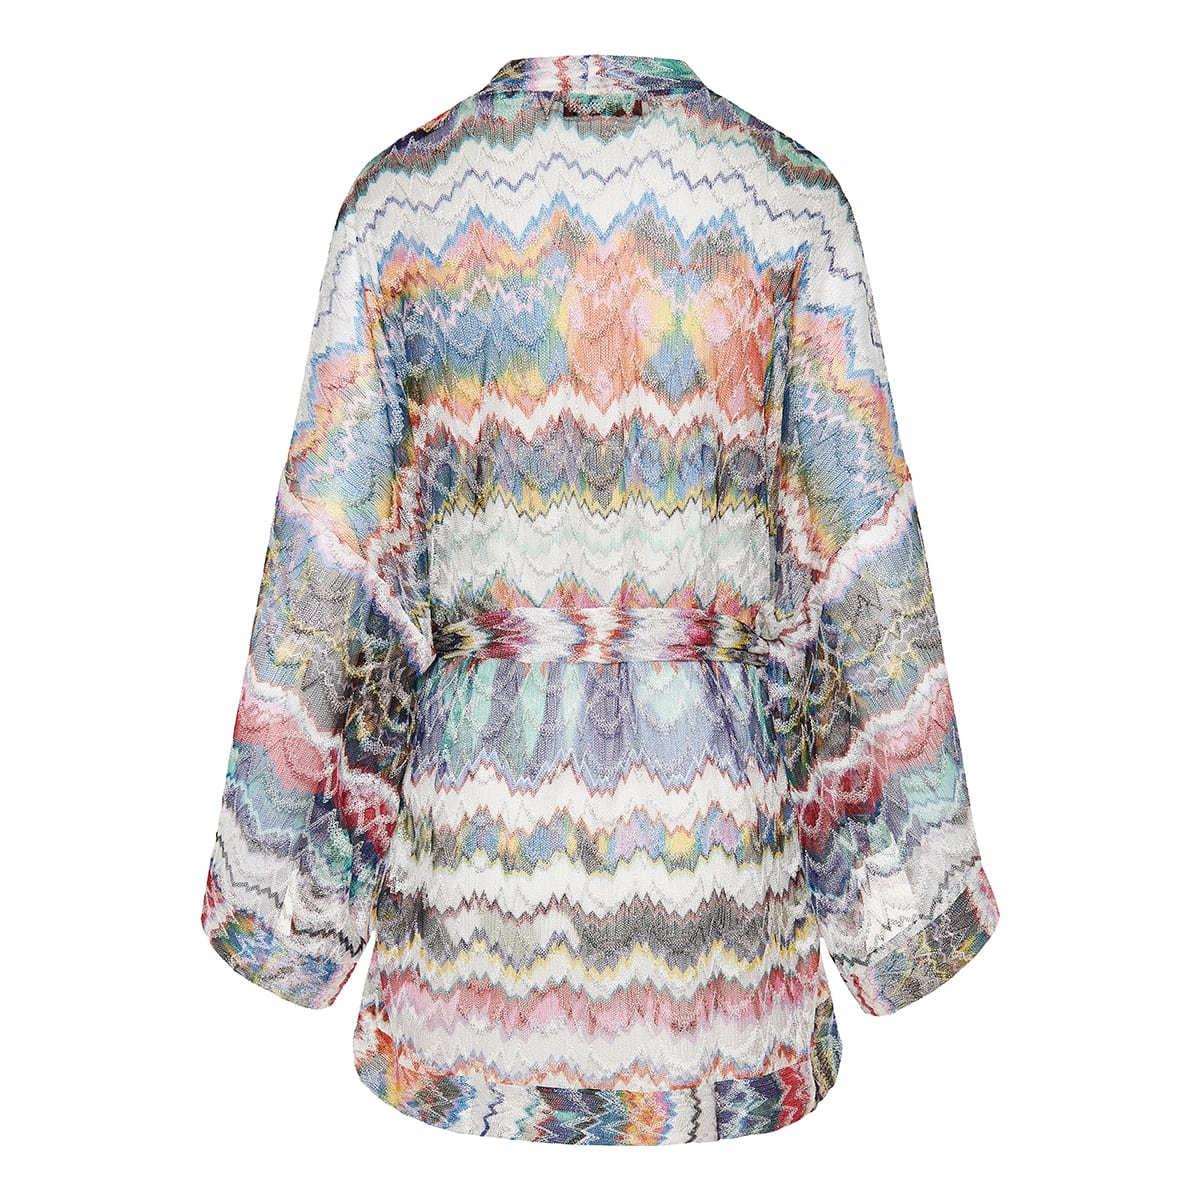 Patterned knit short robe dress